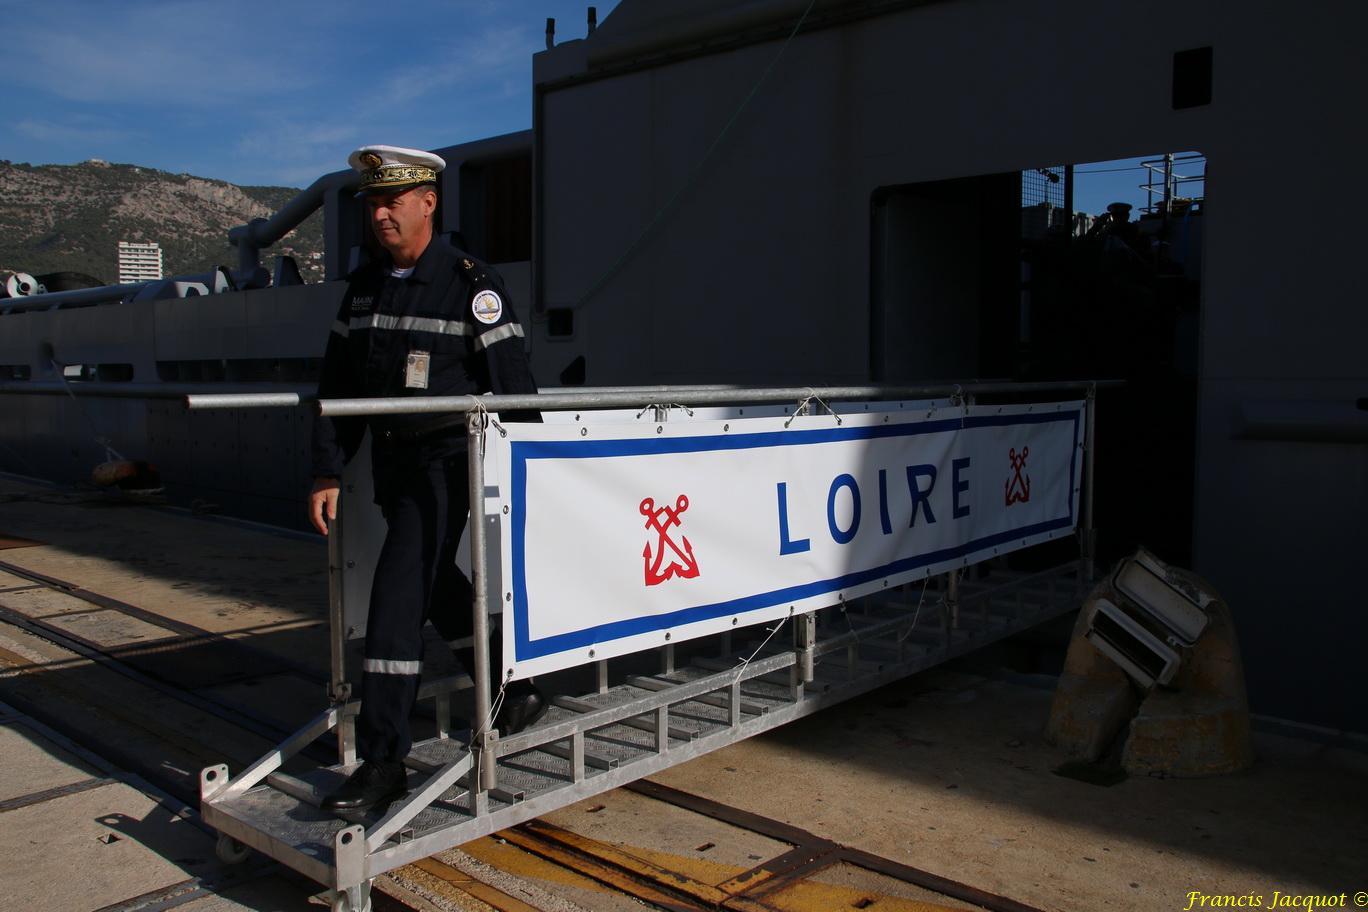 LOIRE BSAM (Bâtiment de Soutien et d'Assistance Métropolitain) 3074484726